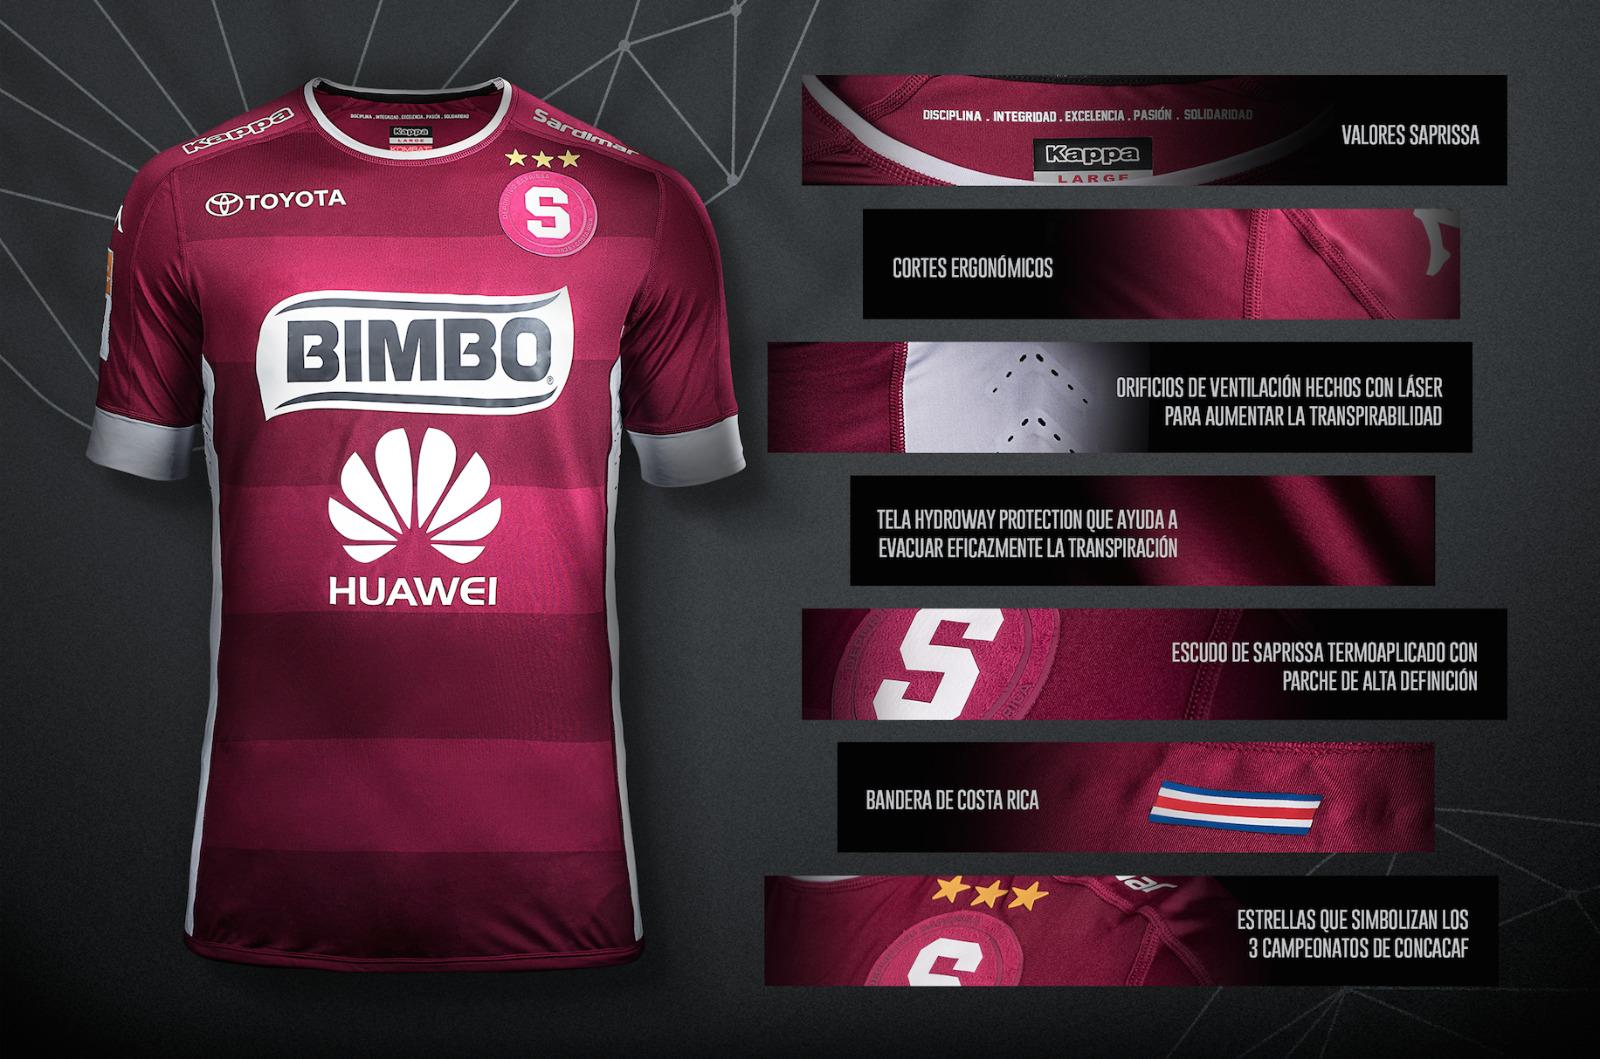 9bc468863192a Los ocho elementos innovadores del nuevo uniforme de Saprissa (VIDEO)